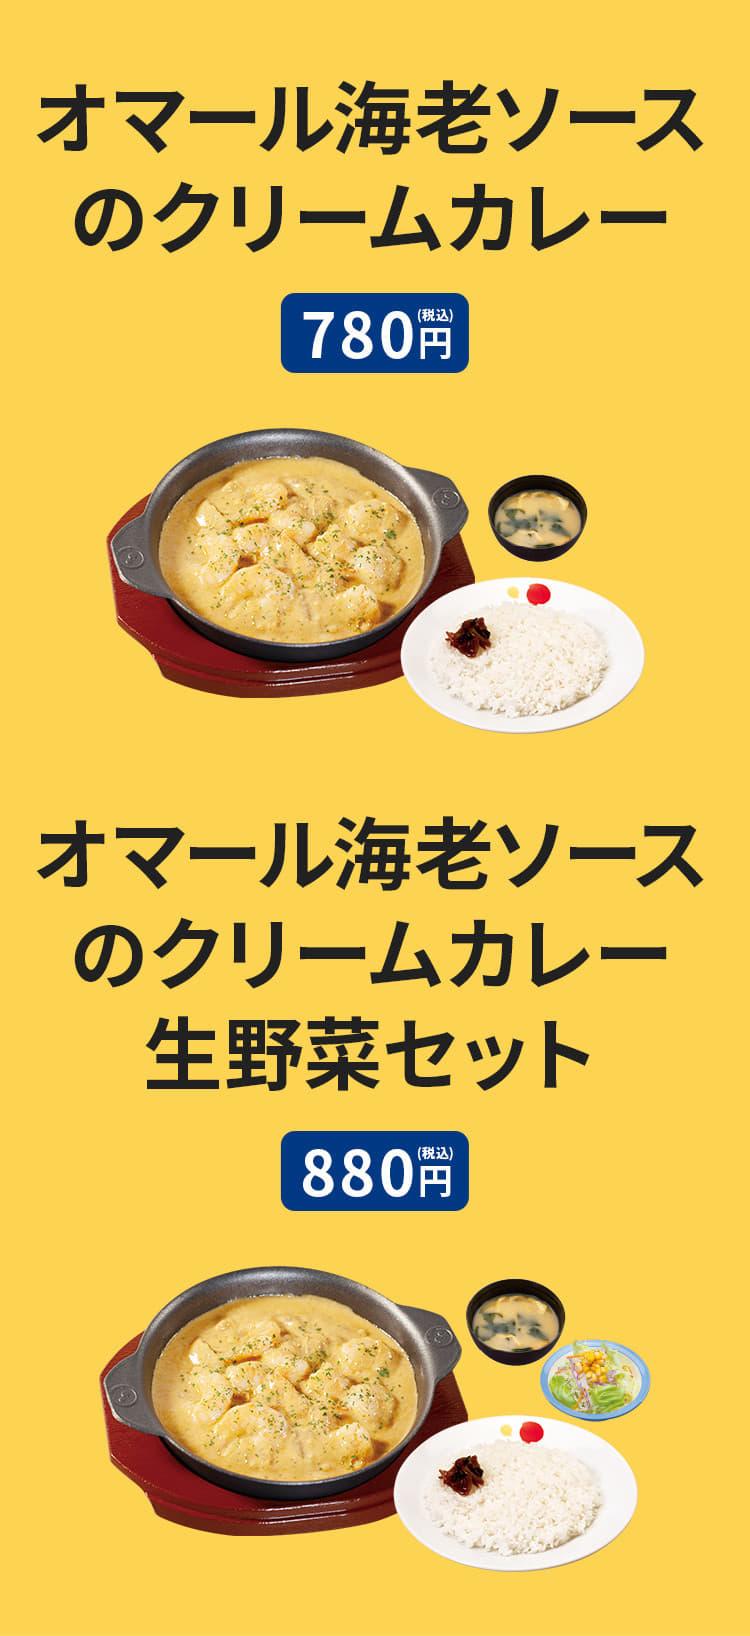 オマール海老ソースのクリームカレー 780円